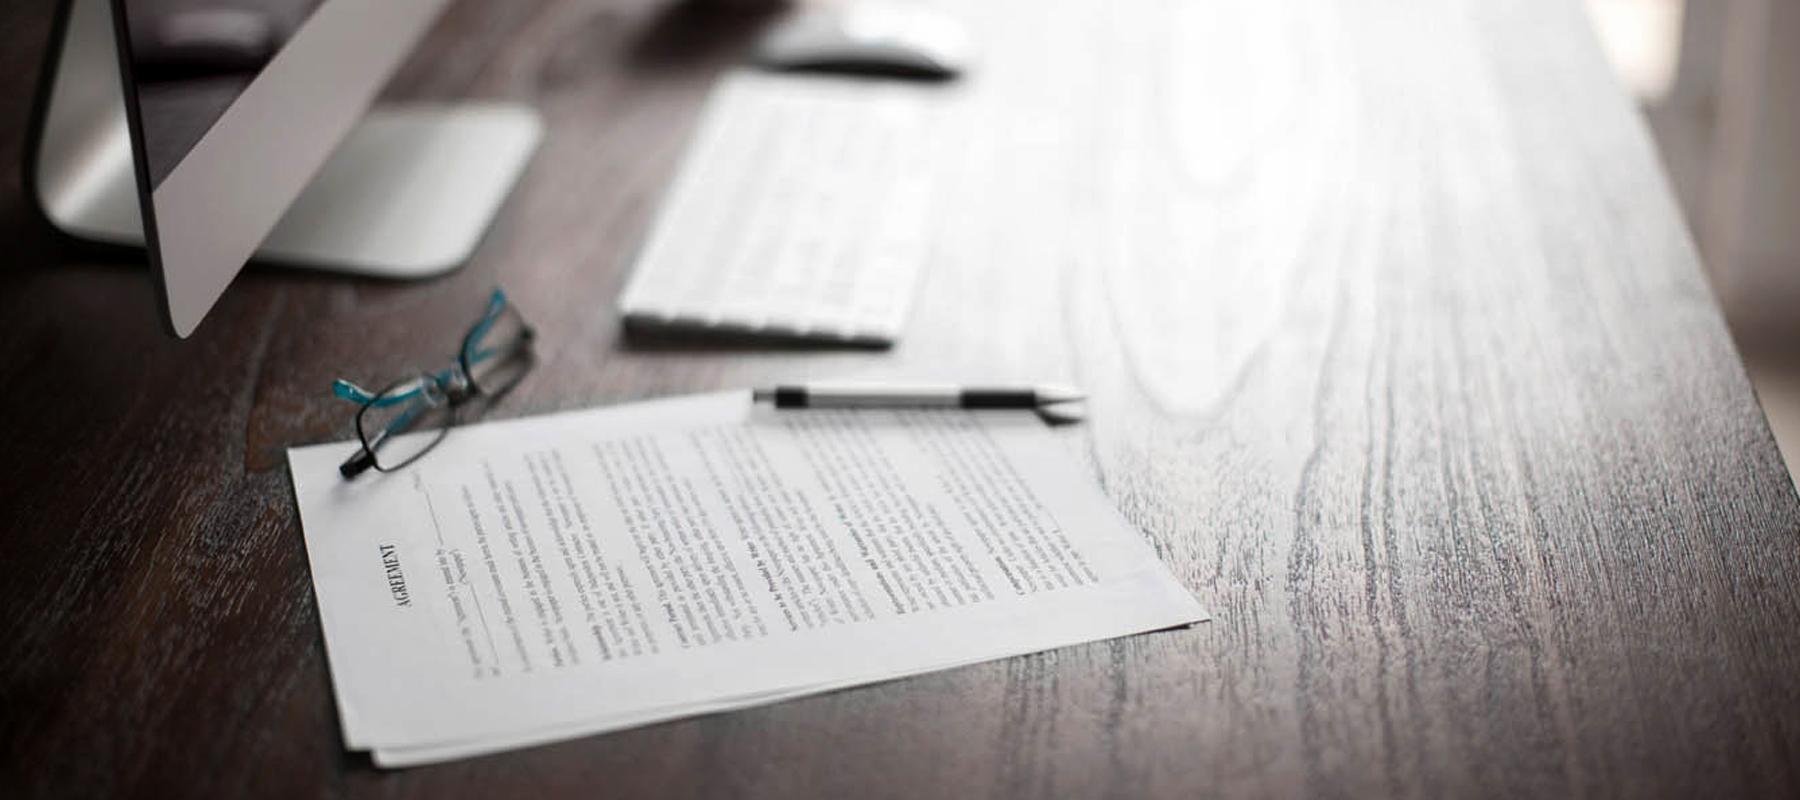 Doctorado en Derecho UA mantiene abiertas sus postulaciones hasta el próximo 14 de febrero